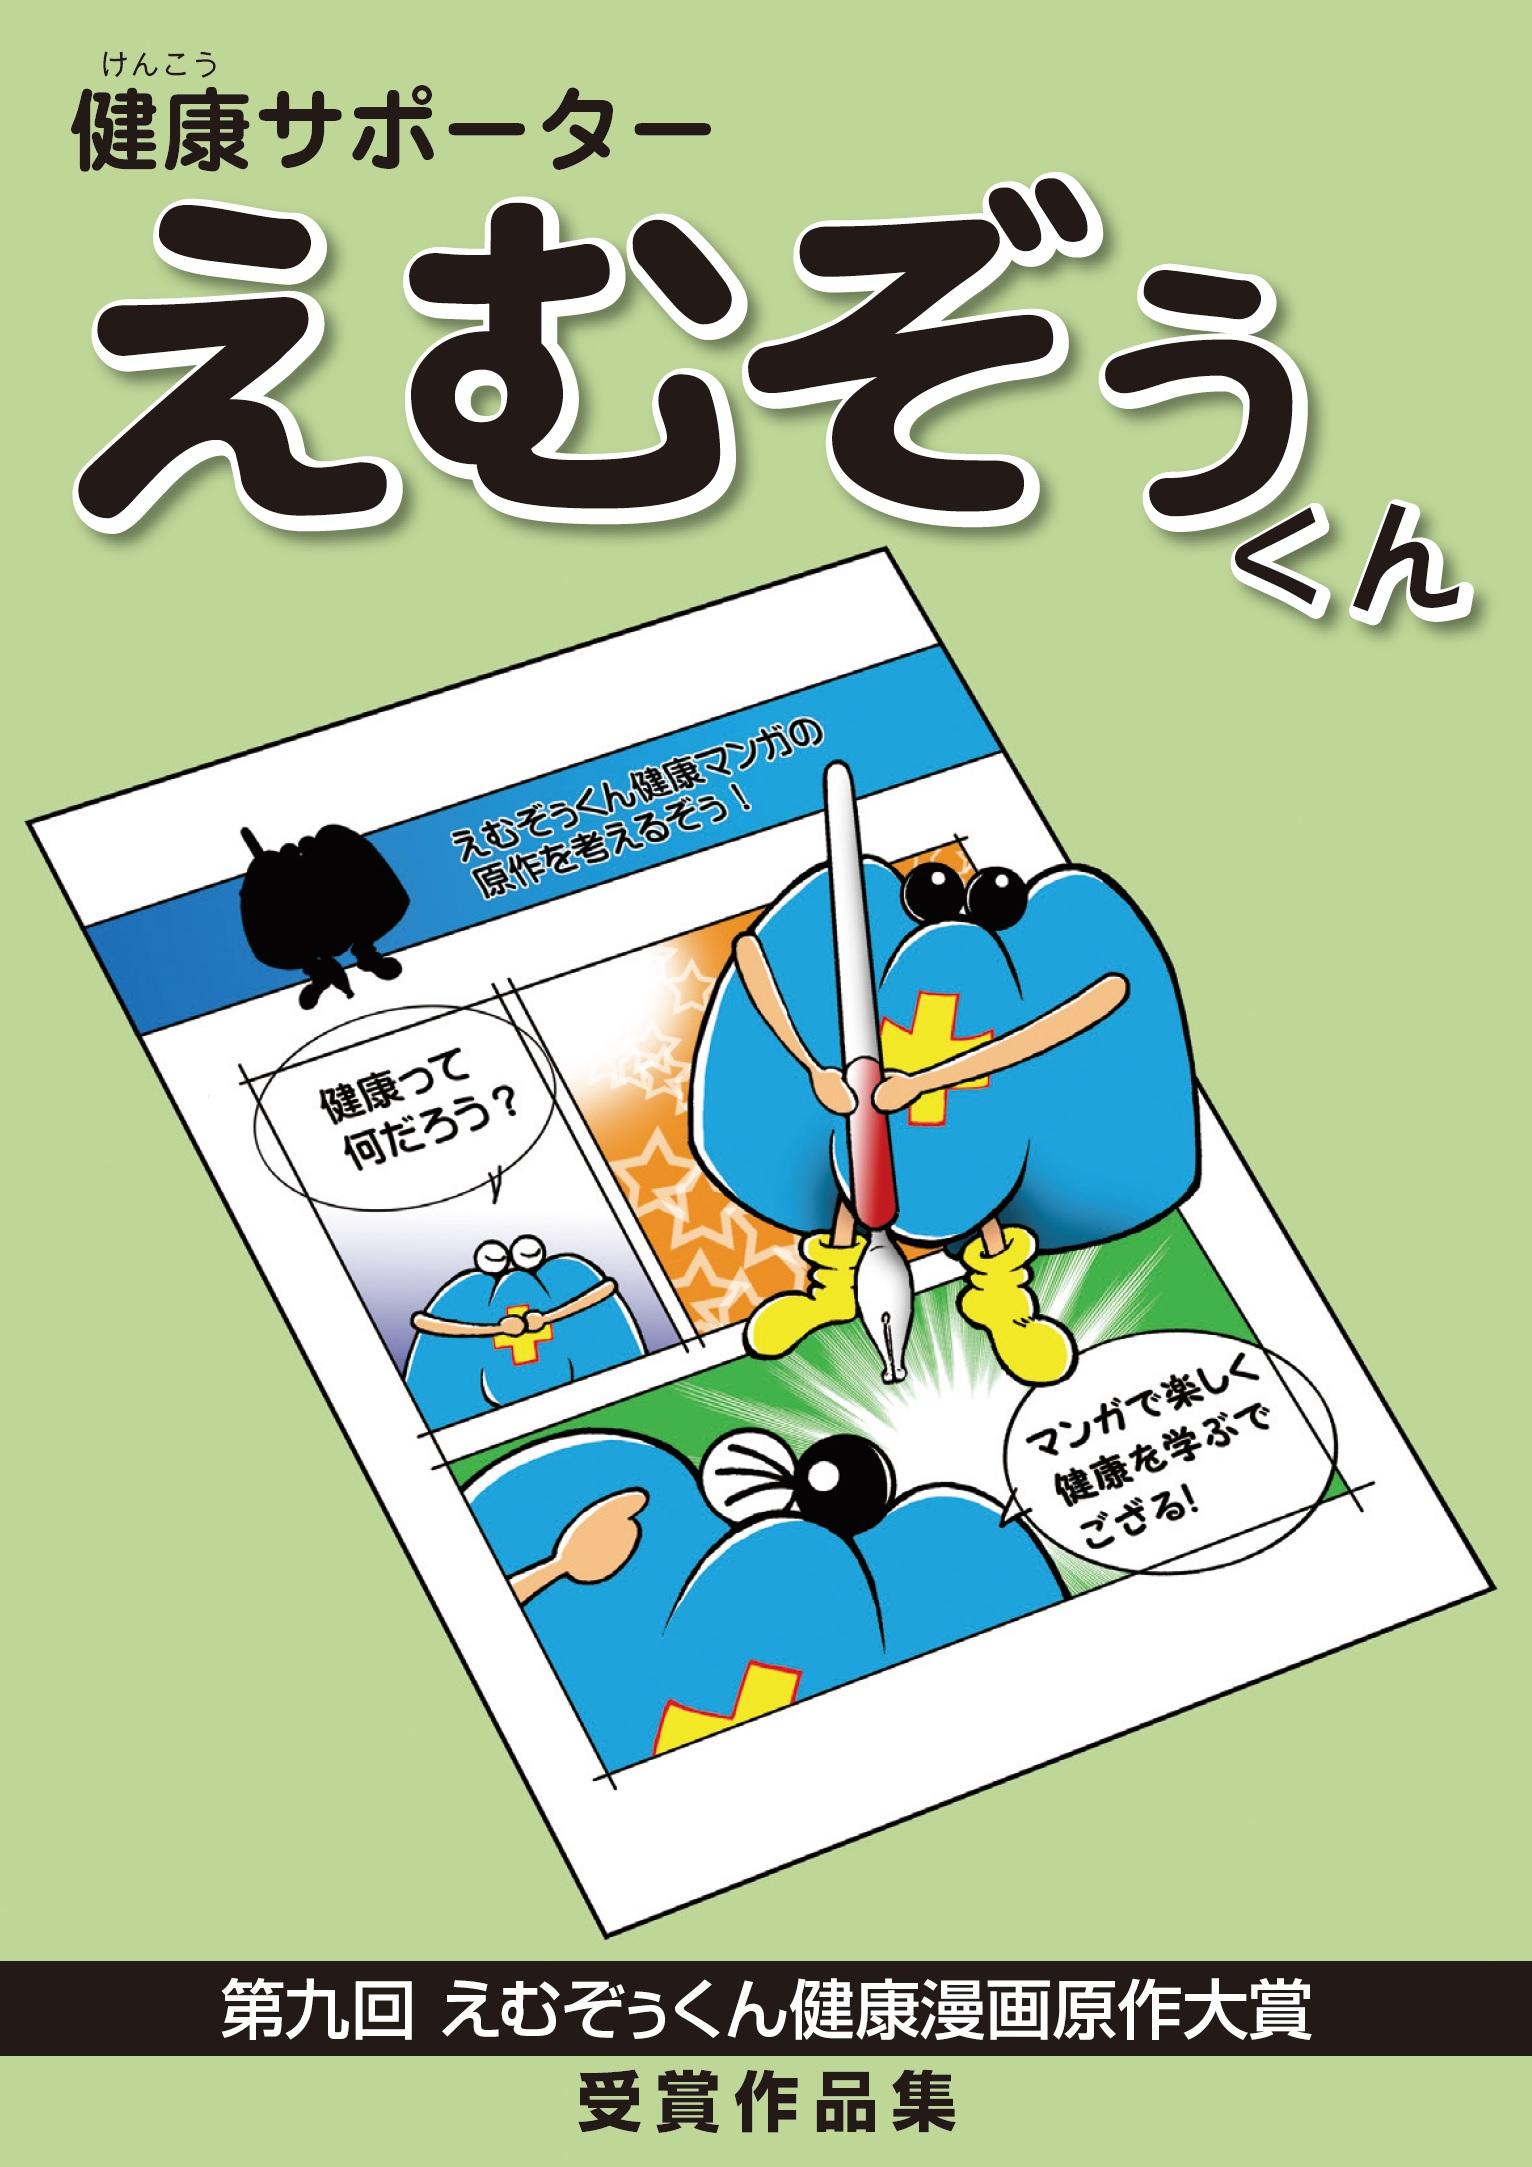 第9回漫画大賞